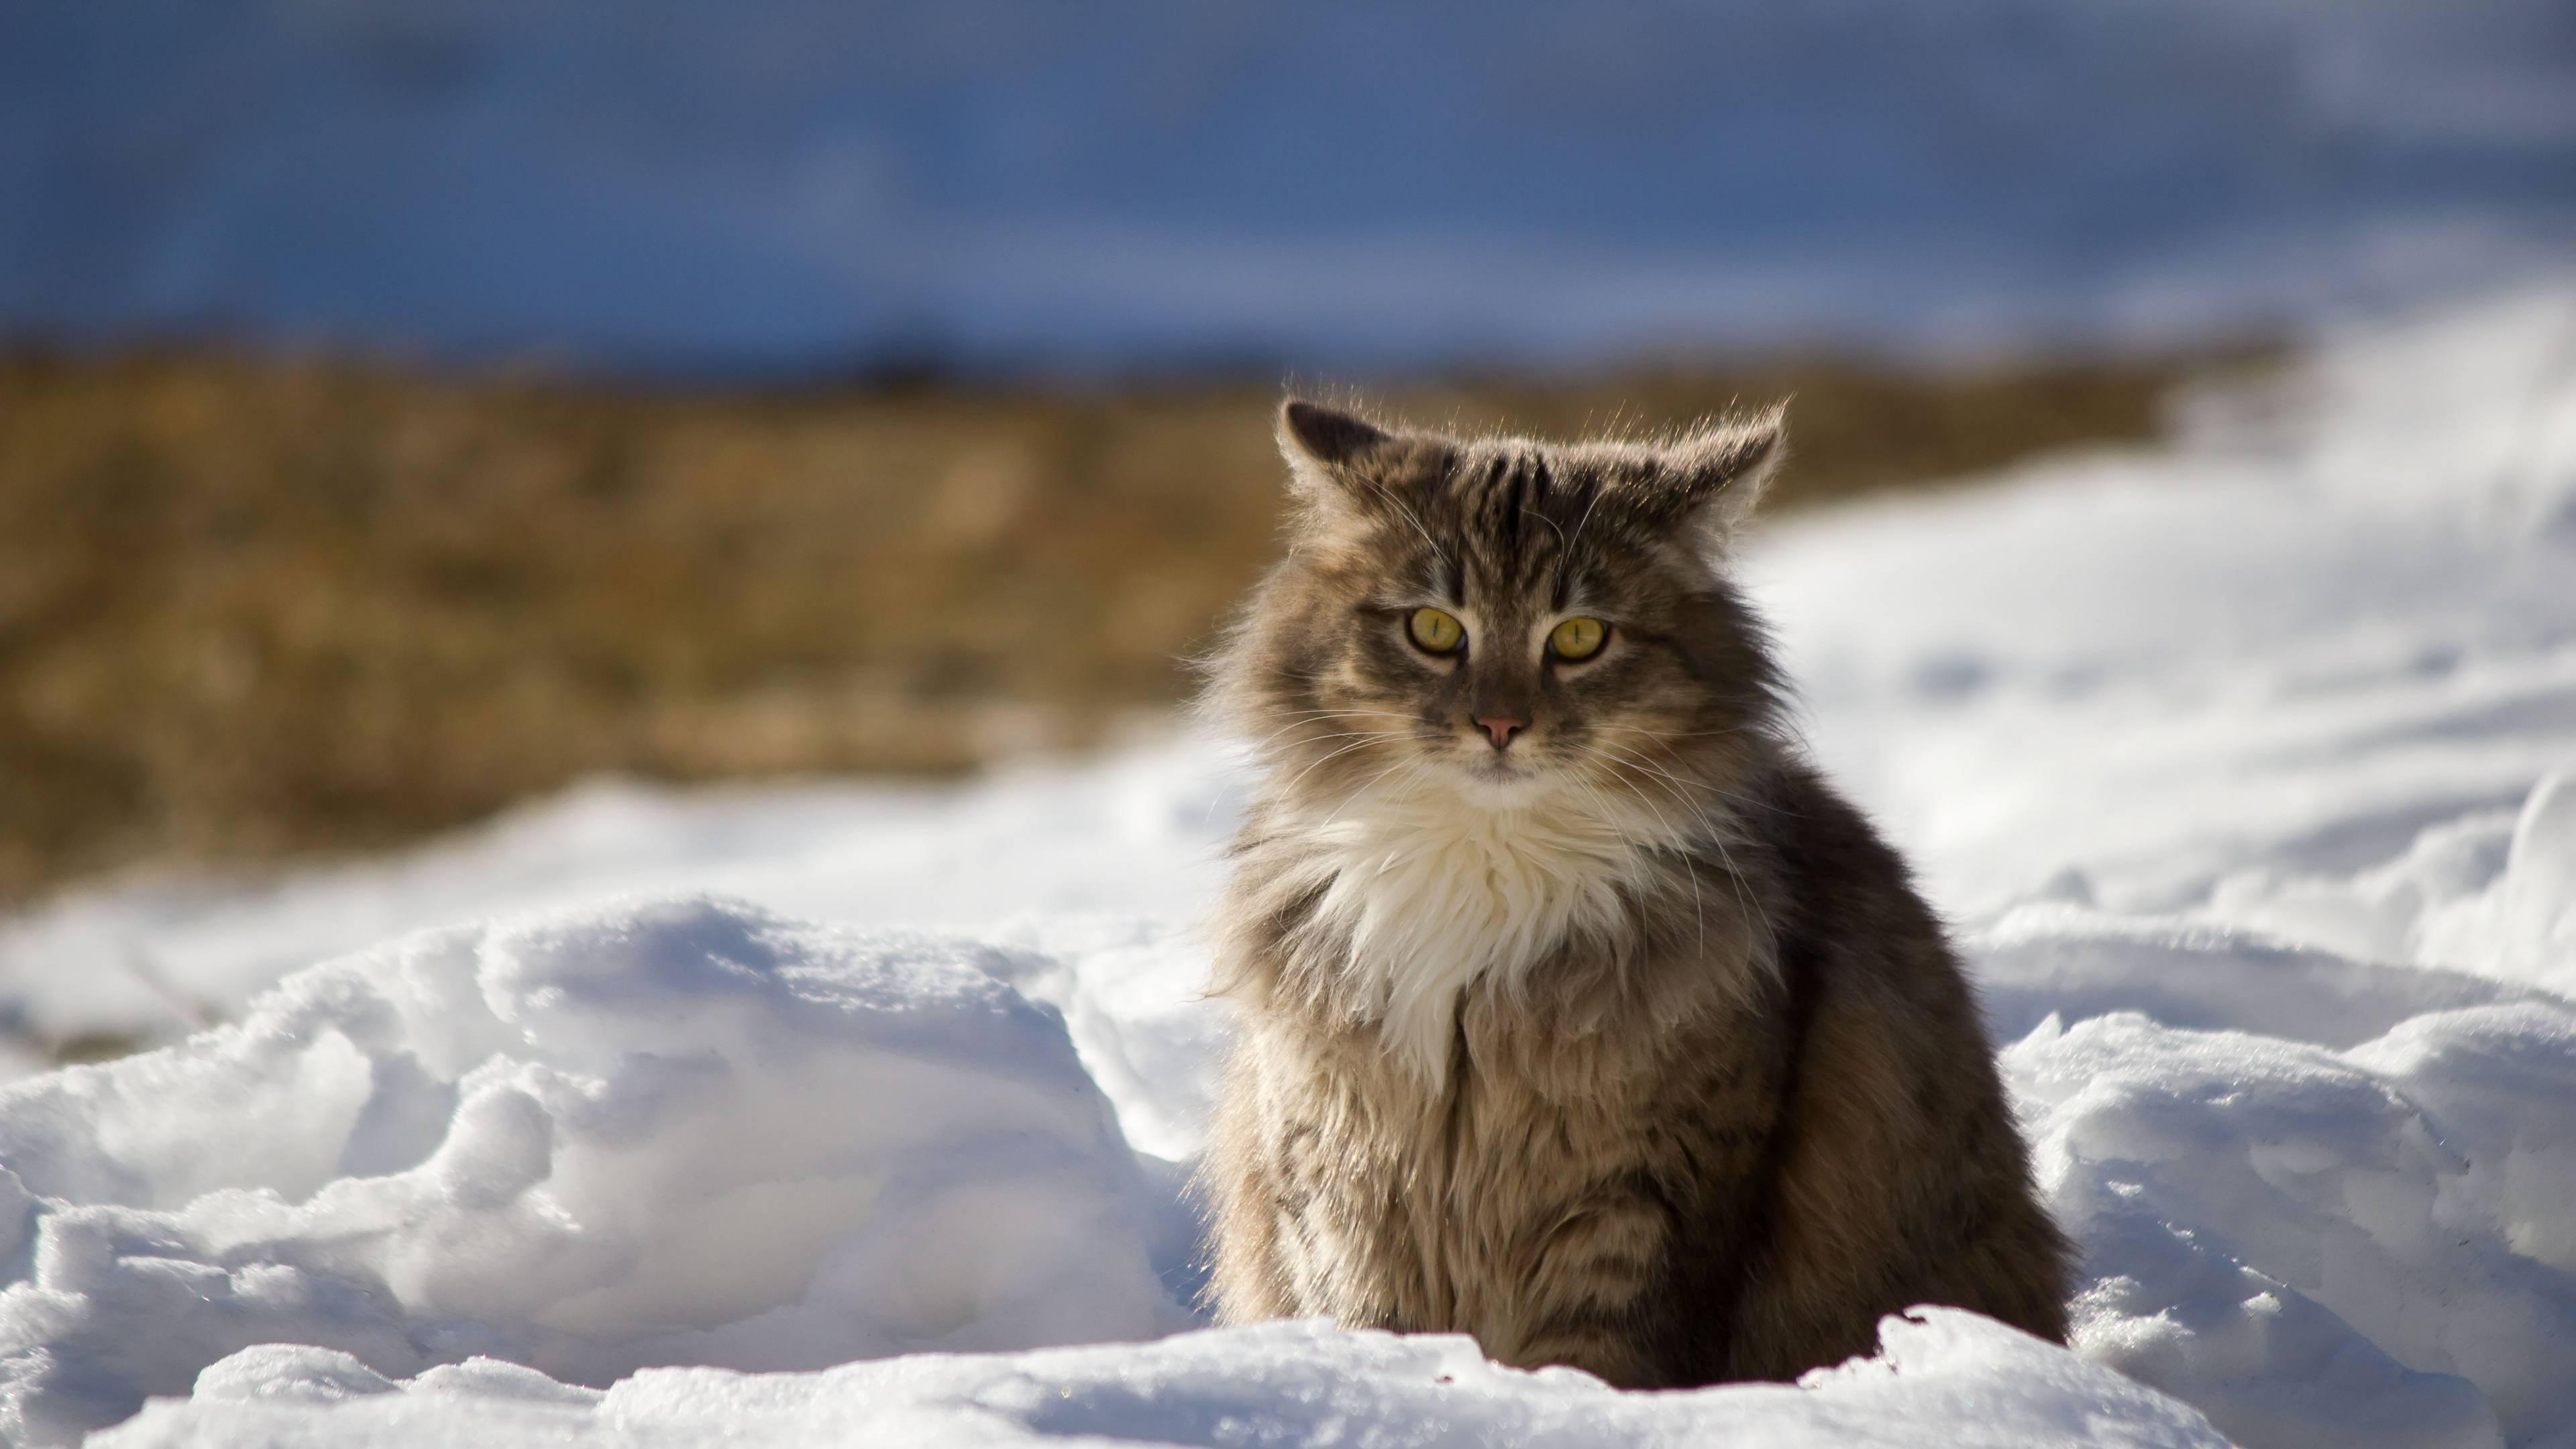 примадонна будь картинки коты в снегу на рабочий стол баварской столицы